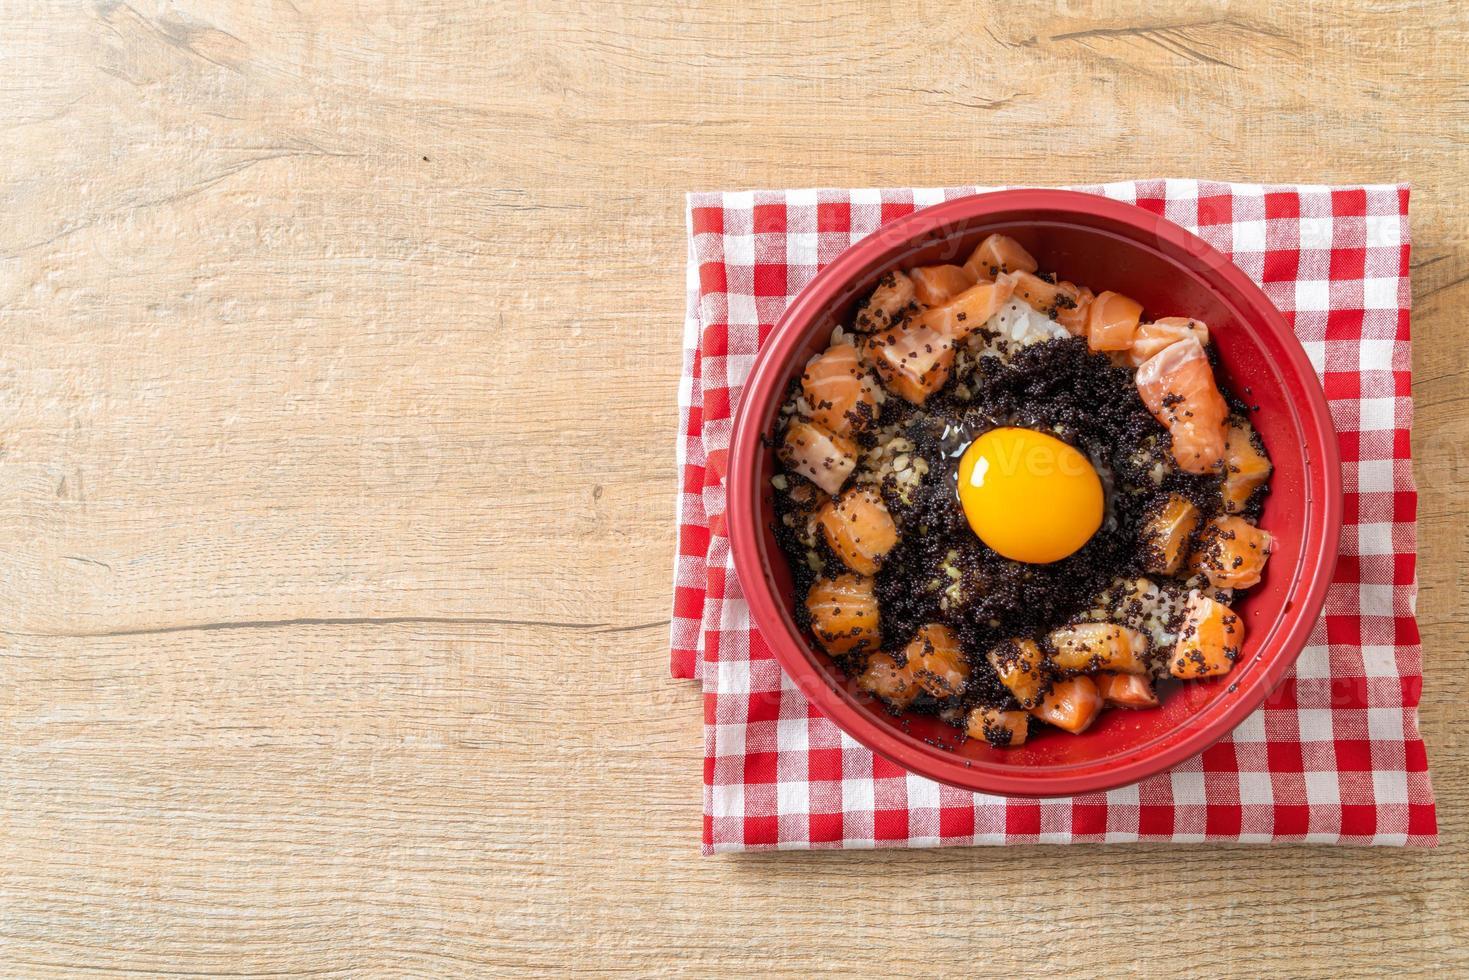 riz japonais au saumon frais cru, tobiko et oeuf photo